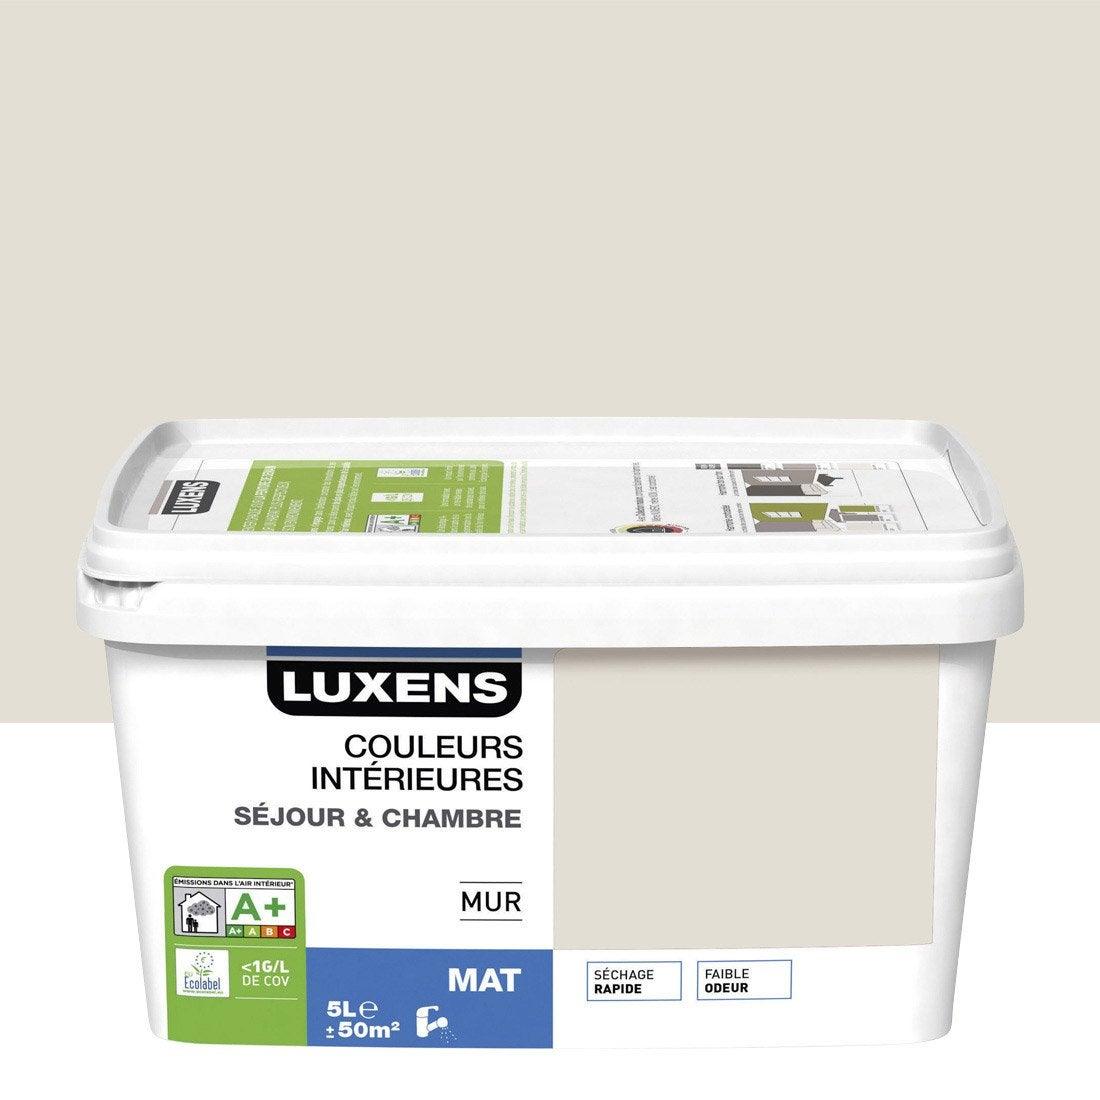 Peinture blanc lin 2 luxens couleurs int rieures 5 l for Peinture speciale salle de bain